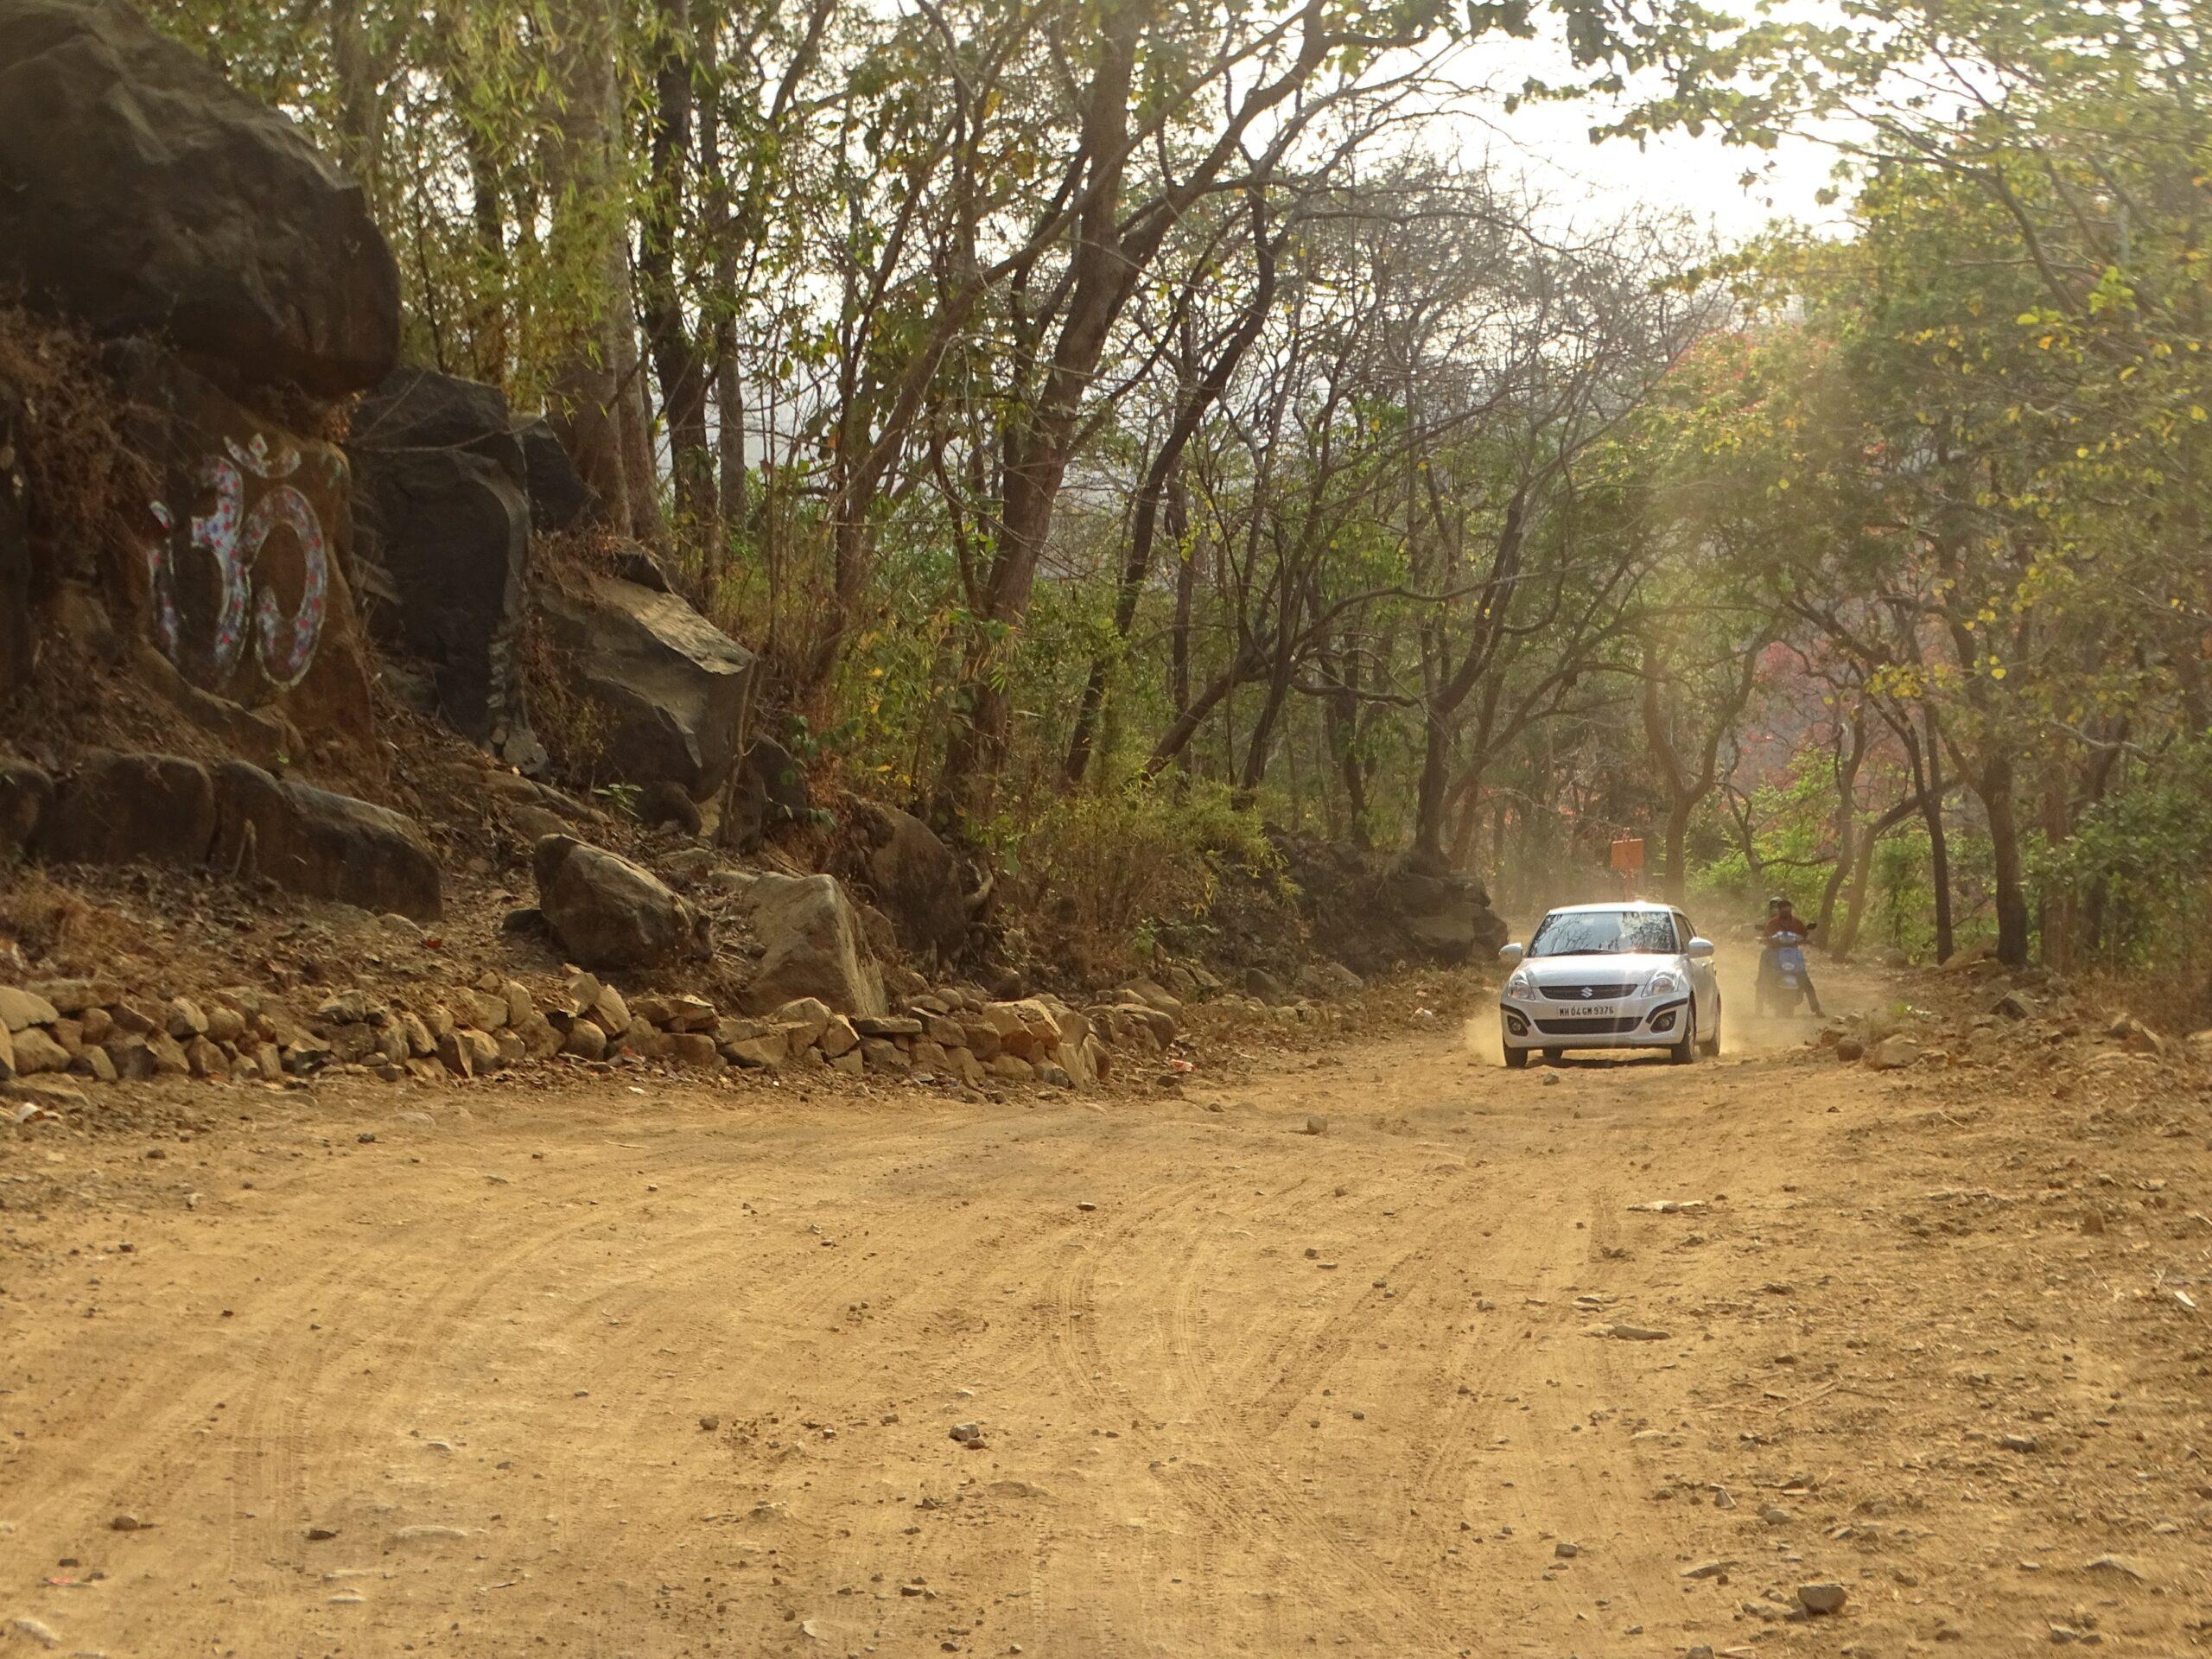 Car at Tungareshwar National Park, Vasai East, Palghar, Maharashtra, India